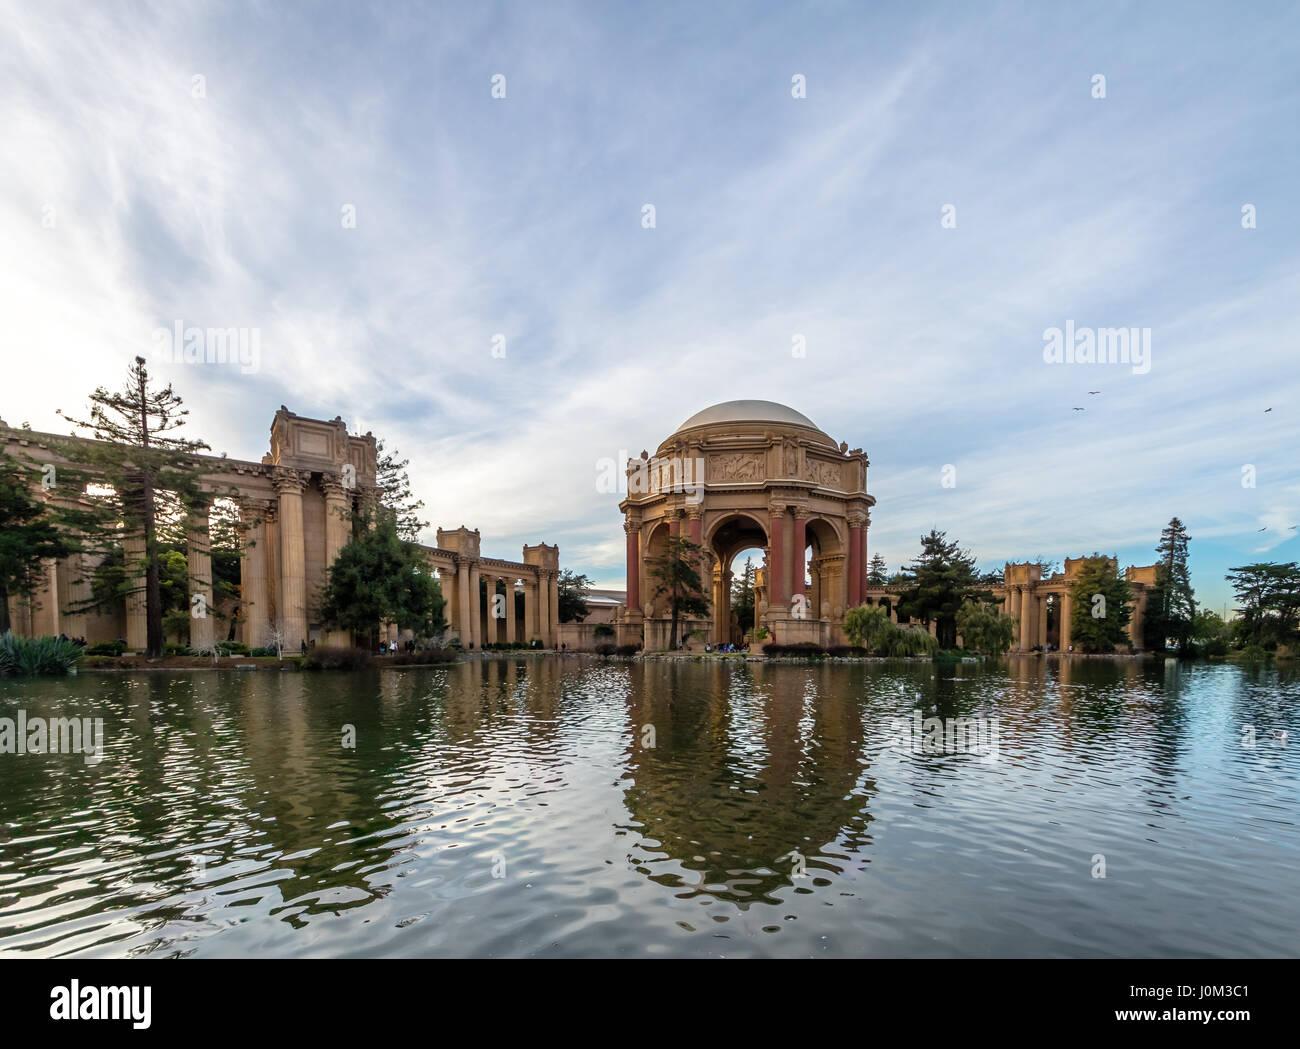 Il Palazzo delle Belle Arti - San Francisco, California, Stati Uniti d'America Immagini Stock